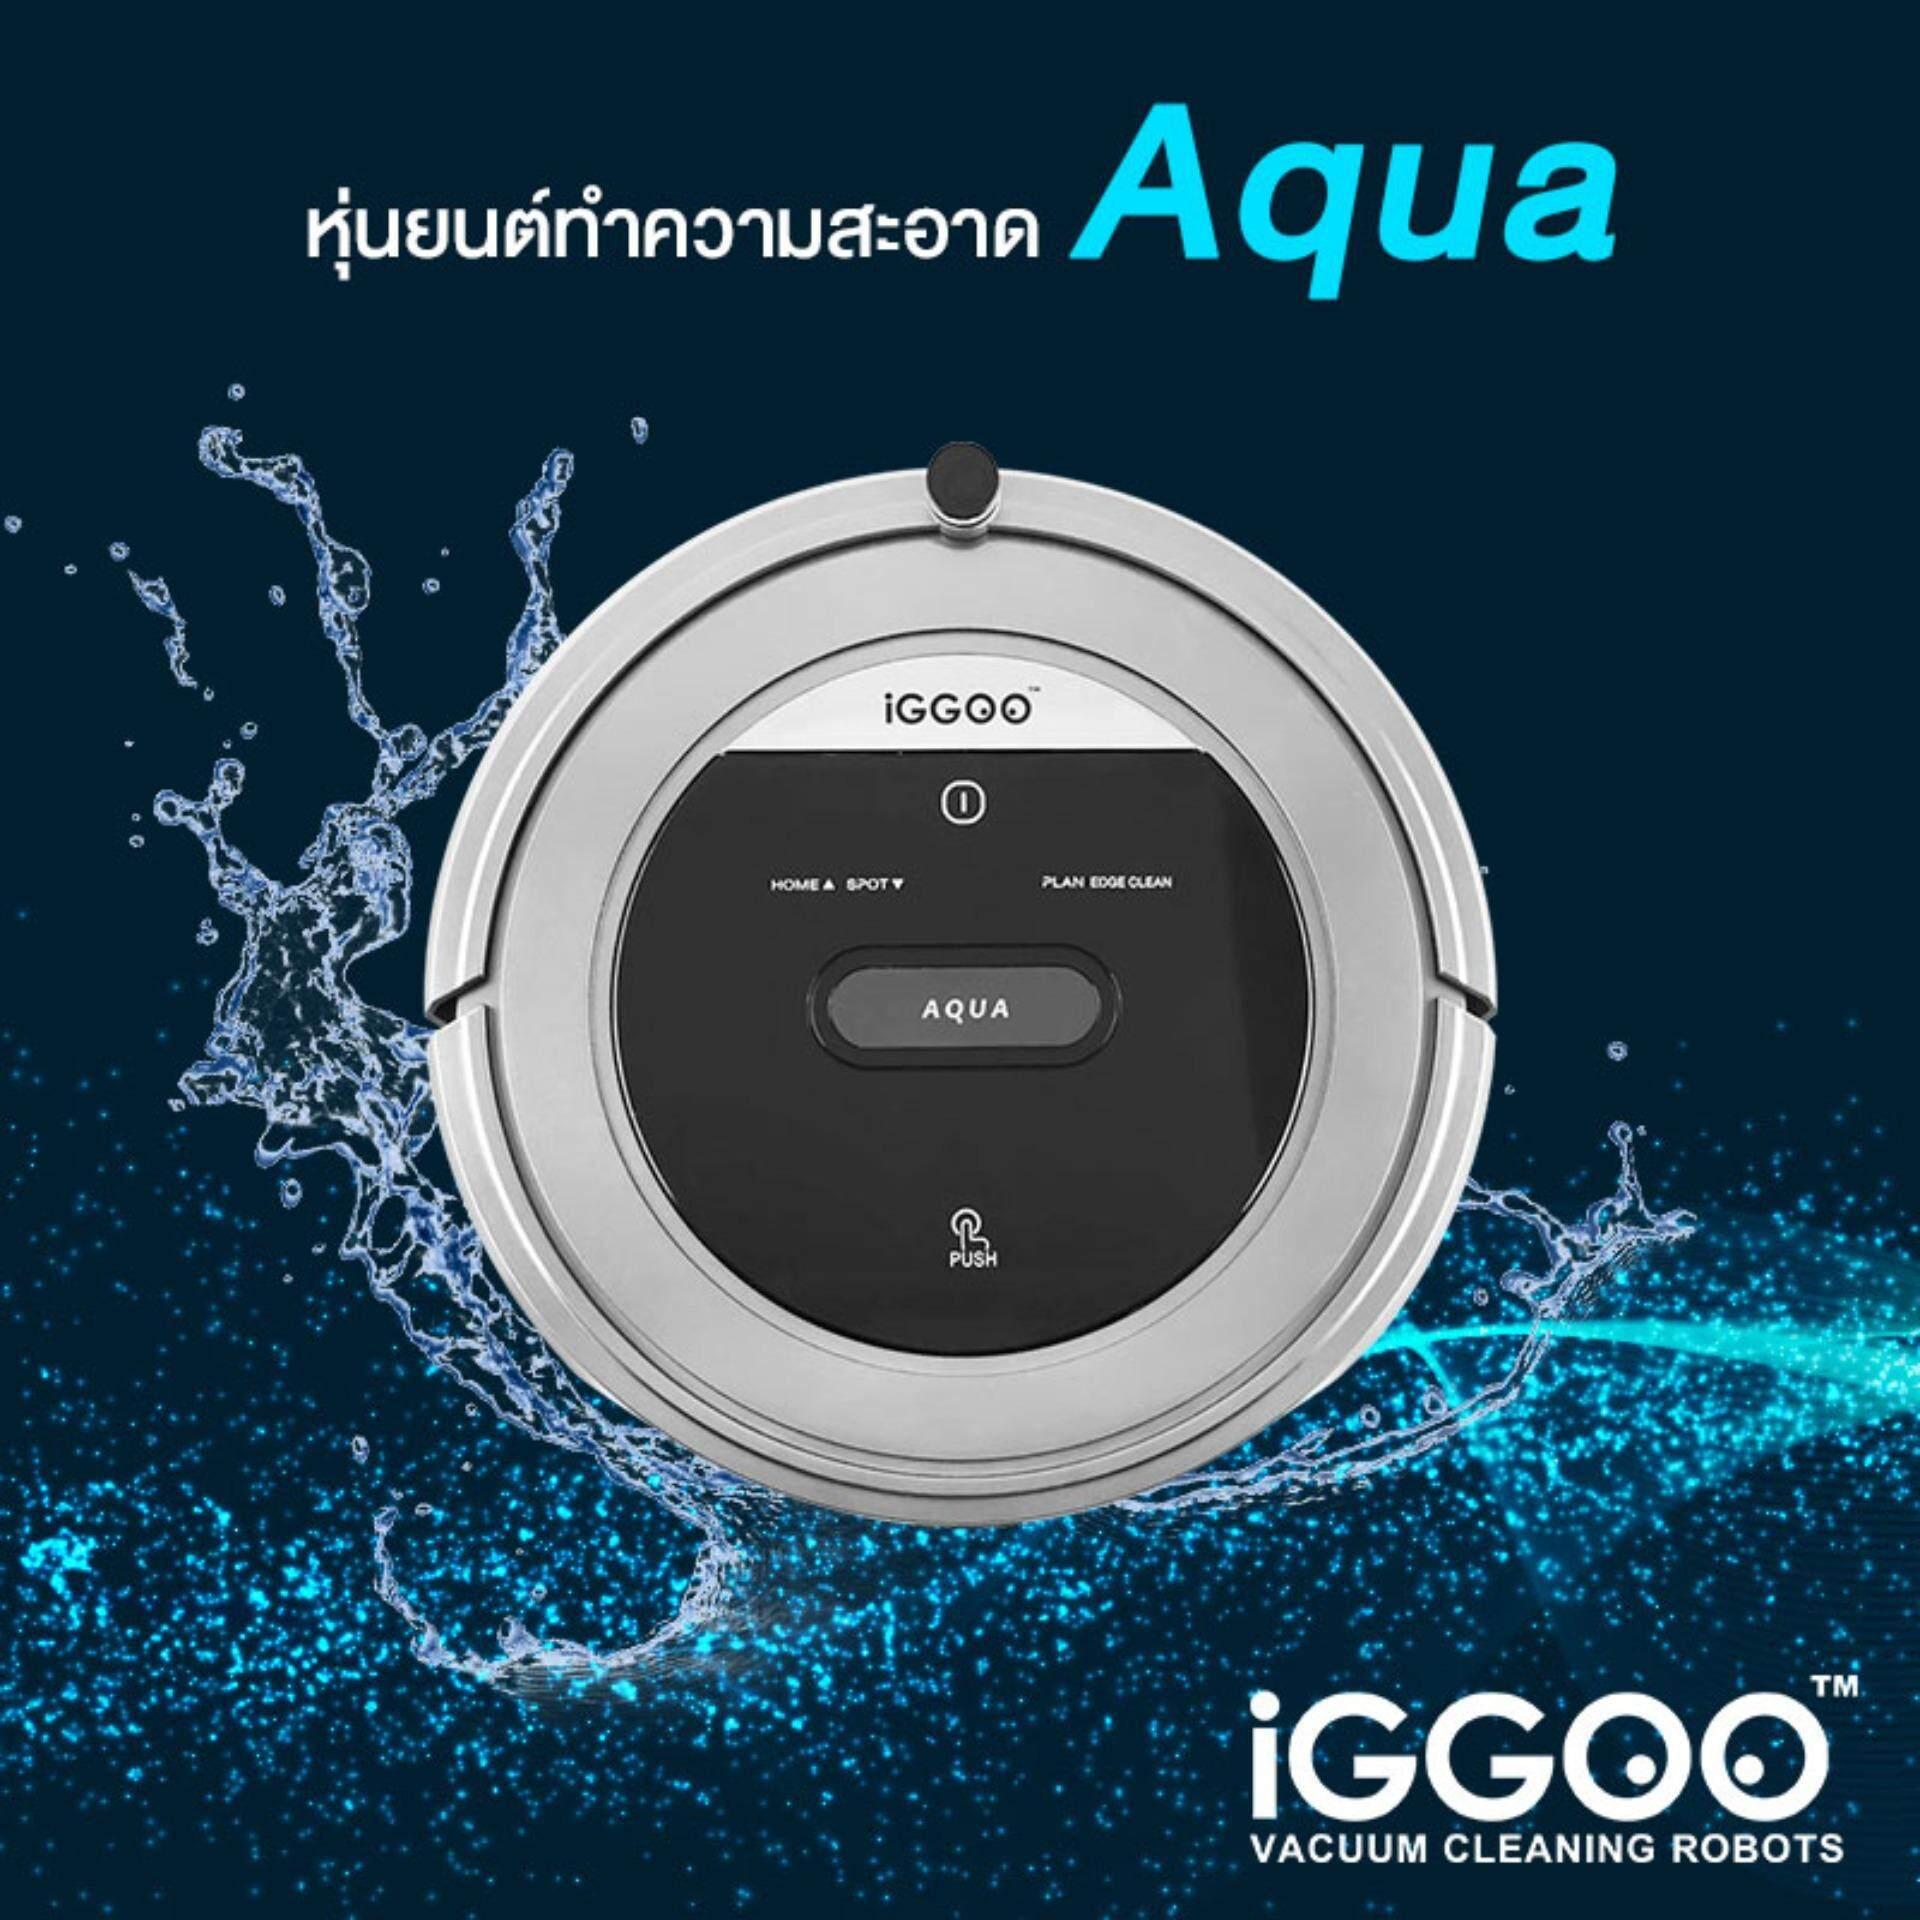 สั่งซื้อ  หุ่นยนต์ดูดฝุ่น ถูพื้น ทำความสะอาดอัตโนมัติ  iGGOO รุ่น AQUA Robot Vacuum Cleaner ทนที่สุด